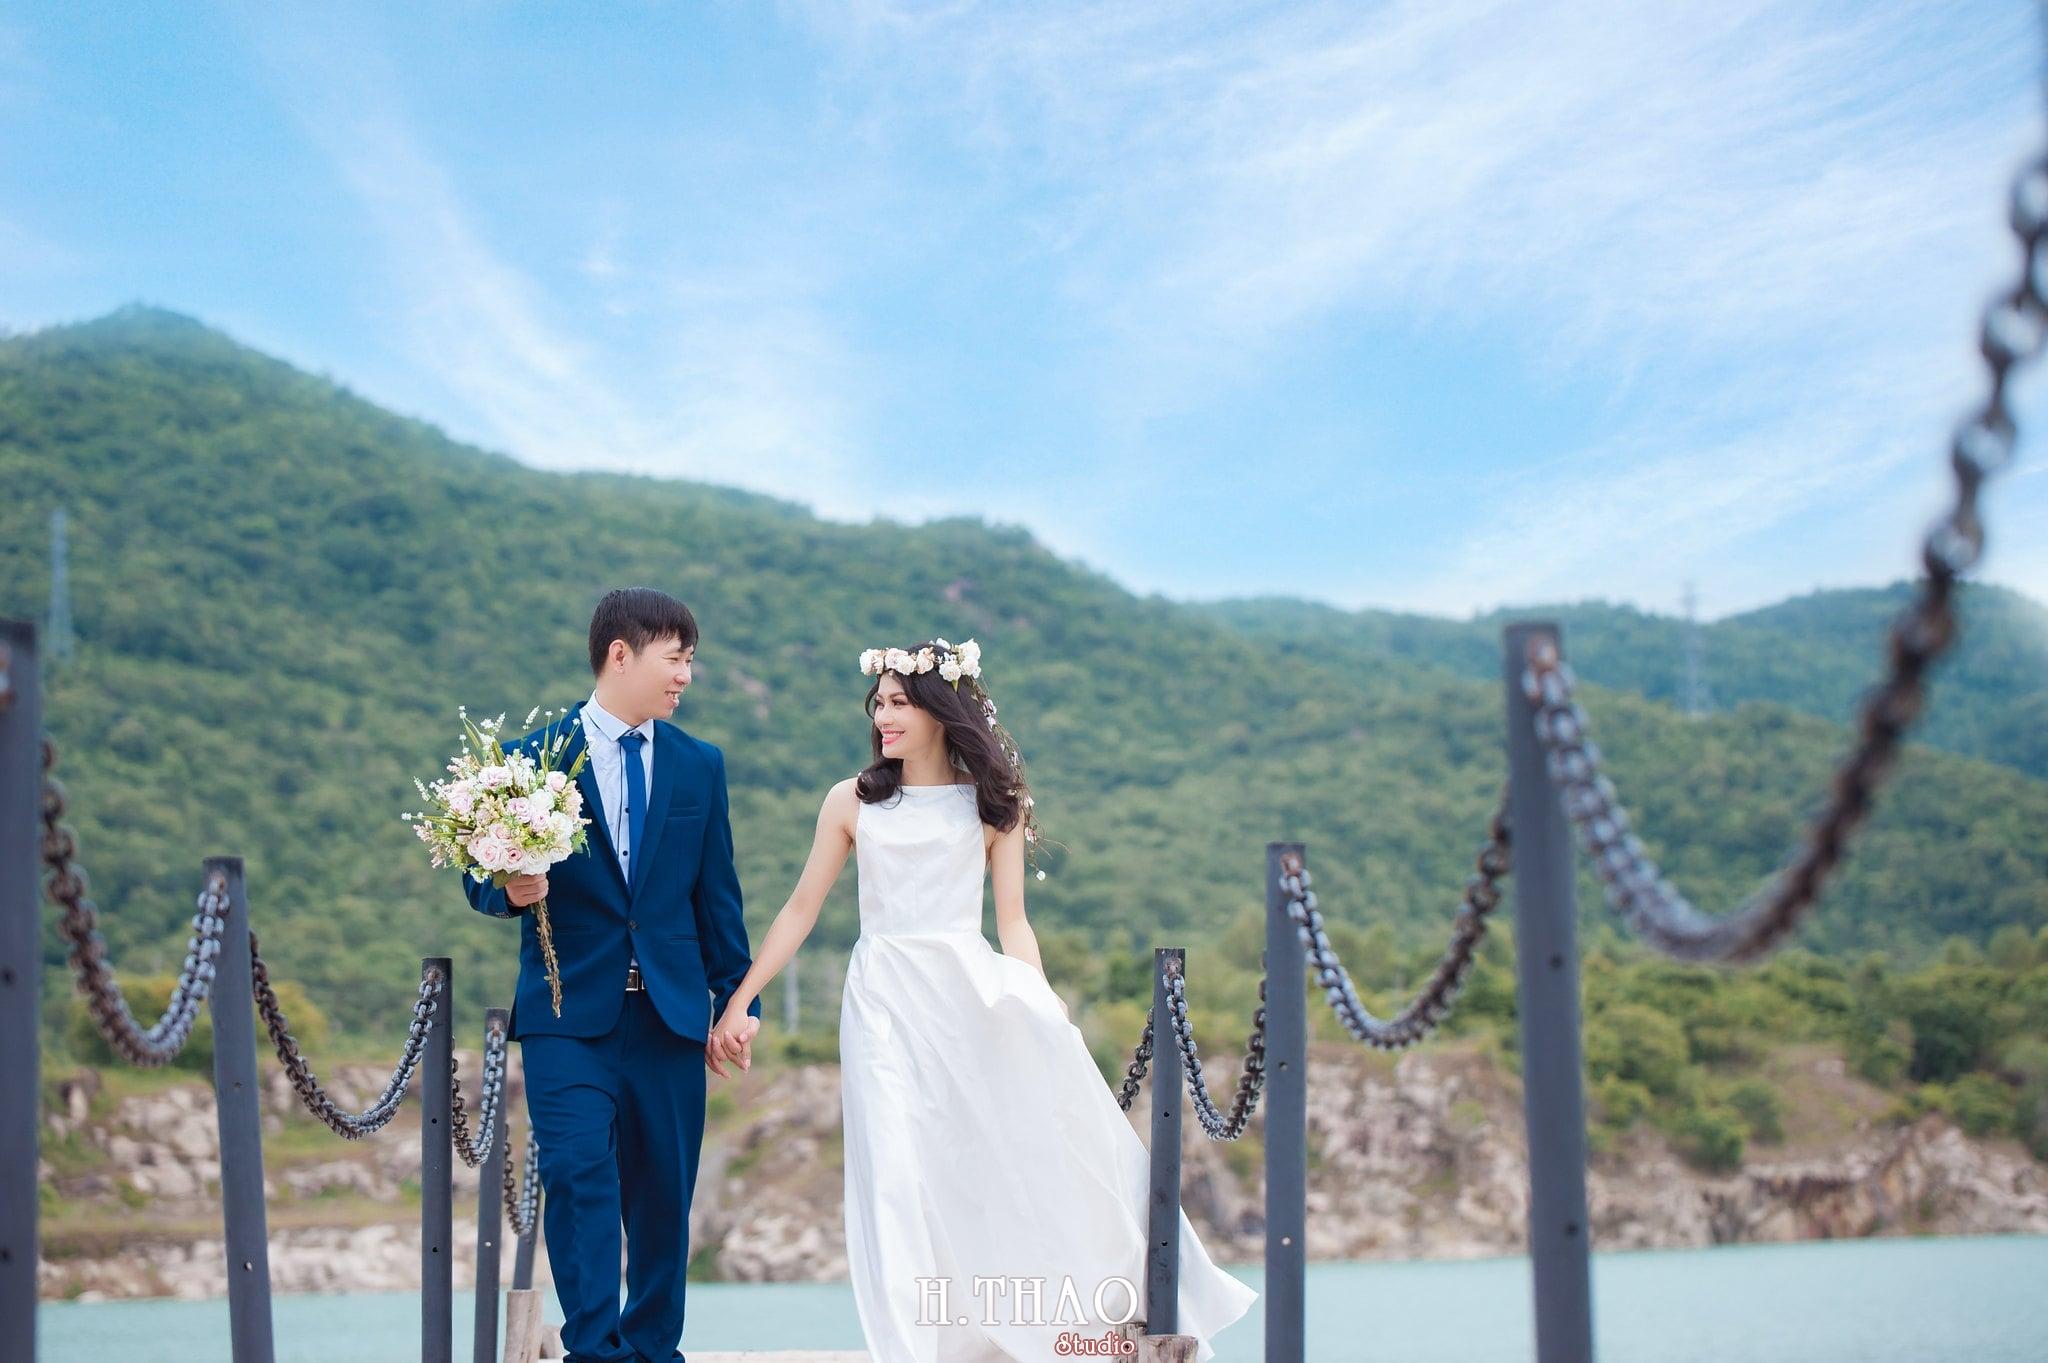 nen4 - Studio chụp ảnh cưới đẹp ở Tp.HCM – HThao Studio